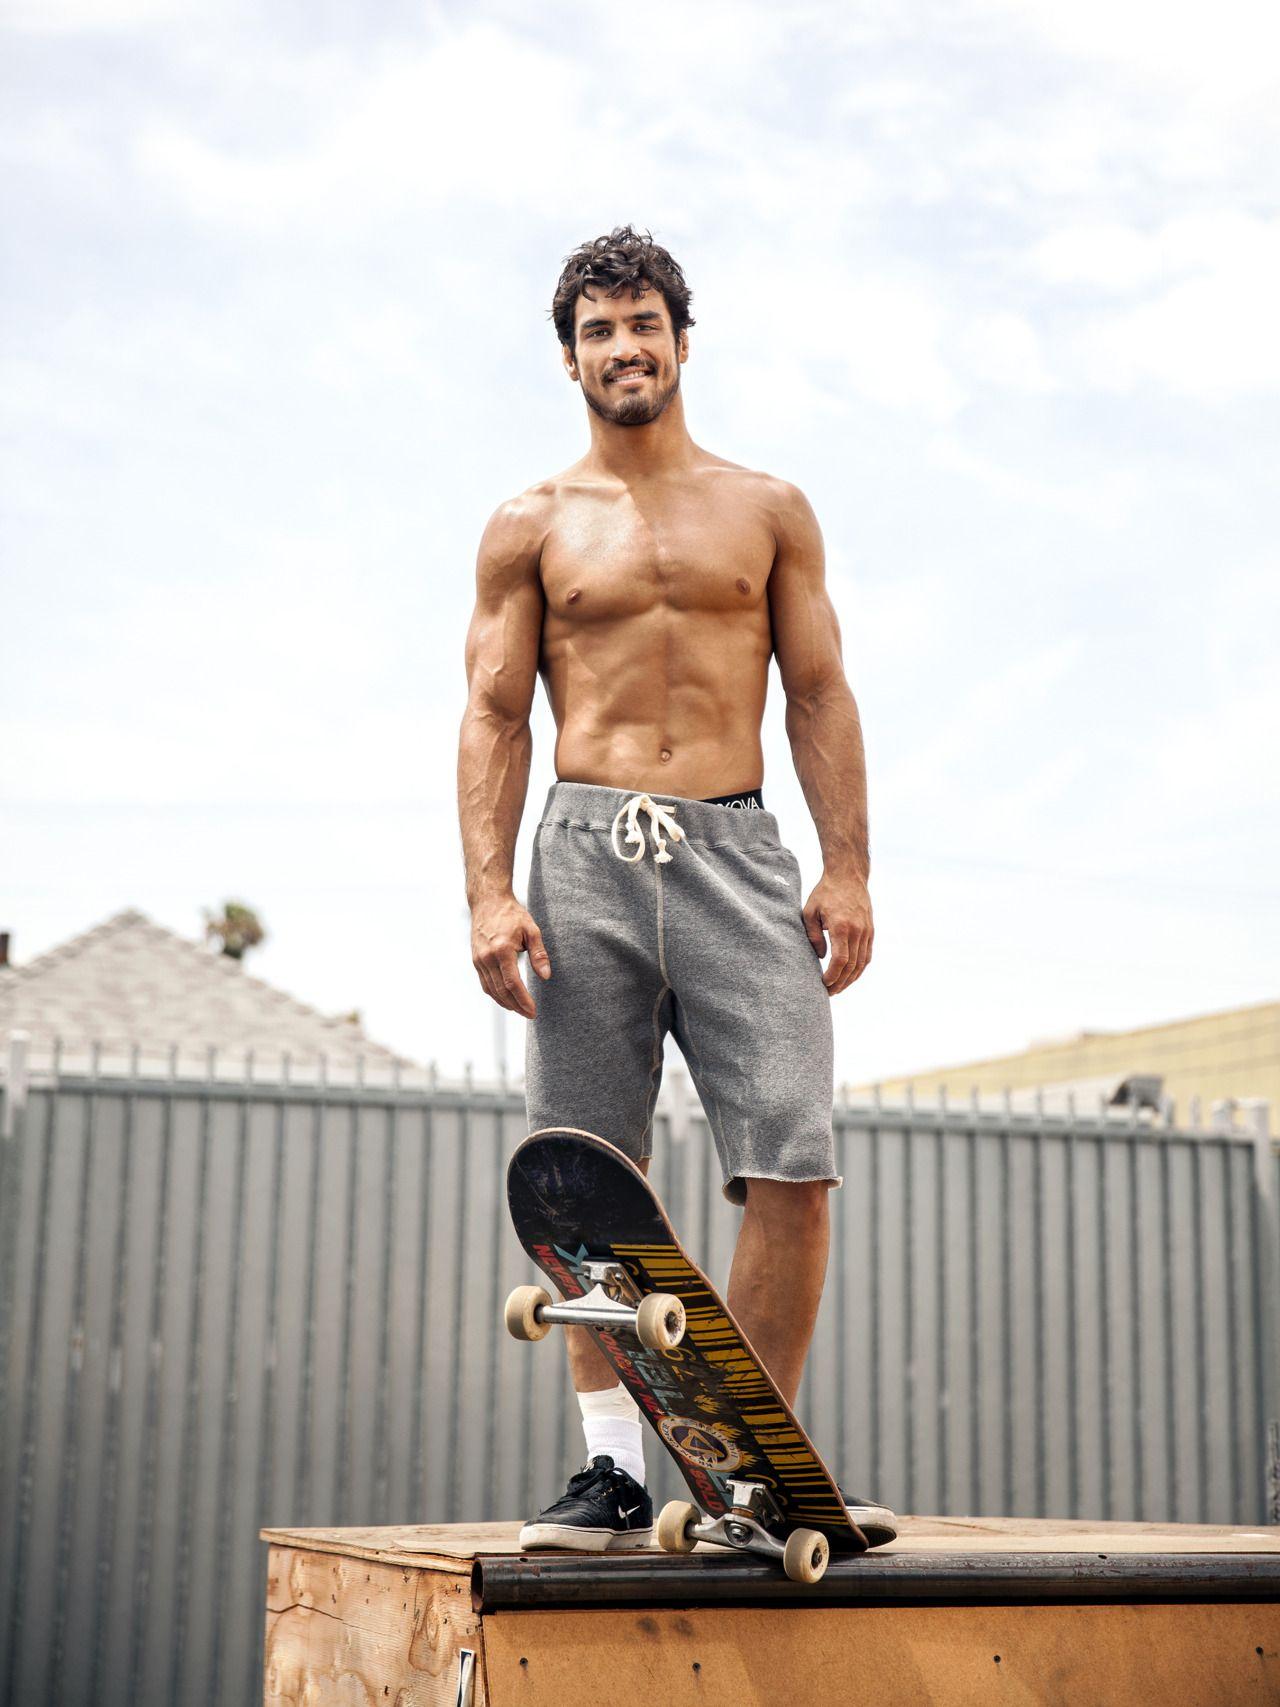 Kron Gracie Hello Handsome In 2019 Skater Boys Kron